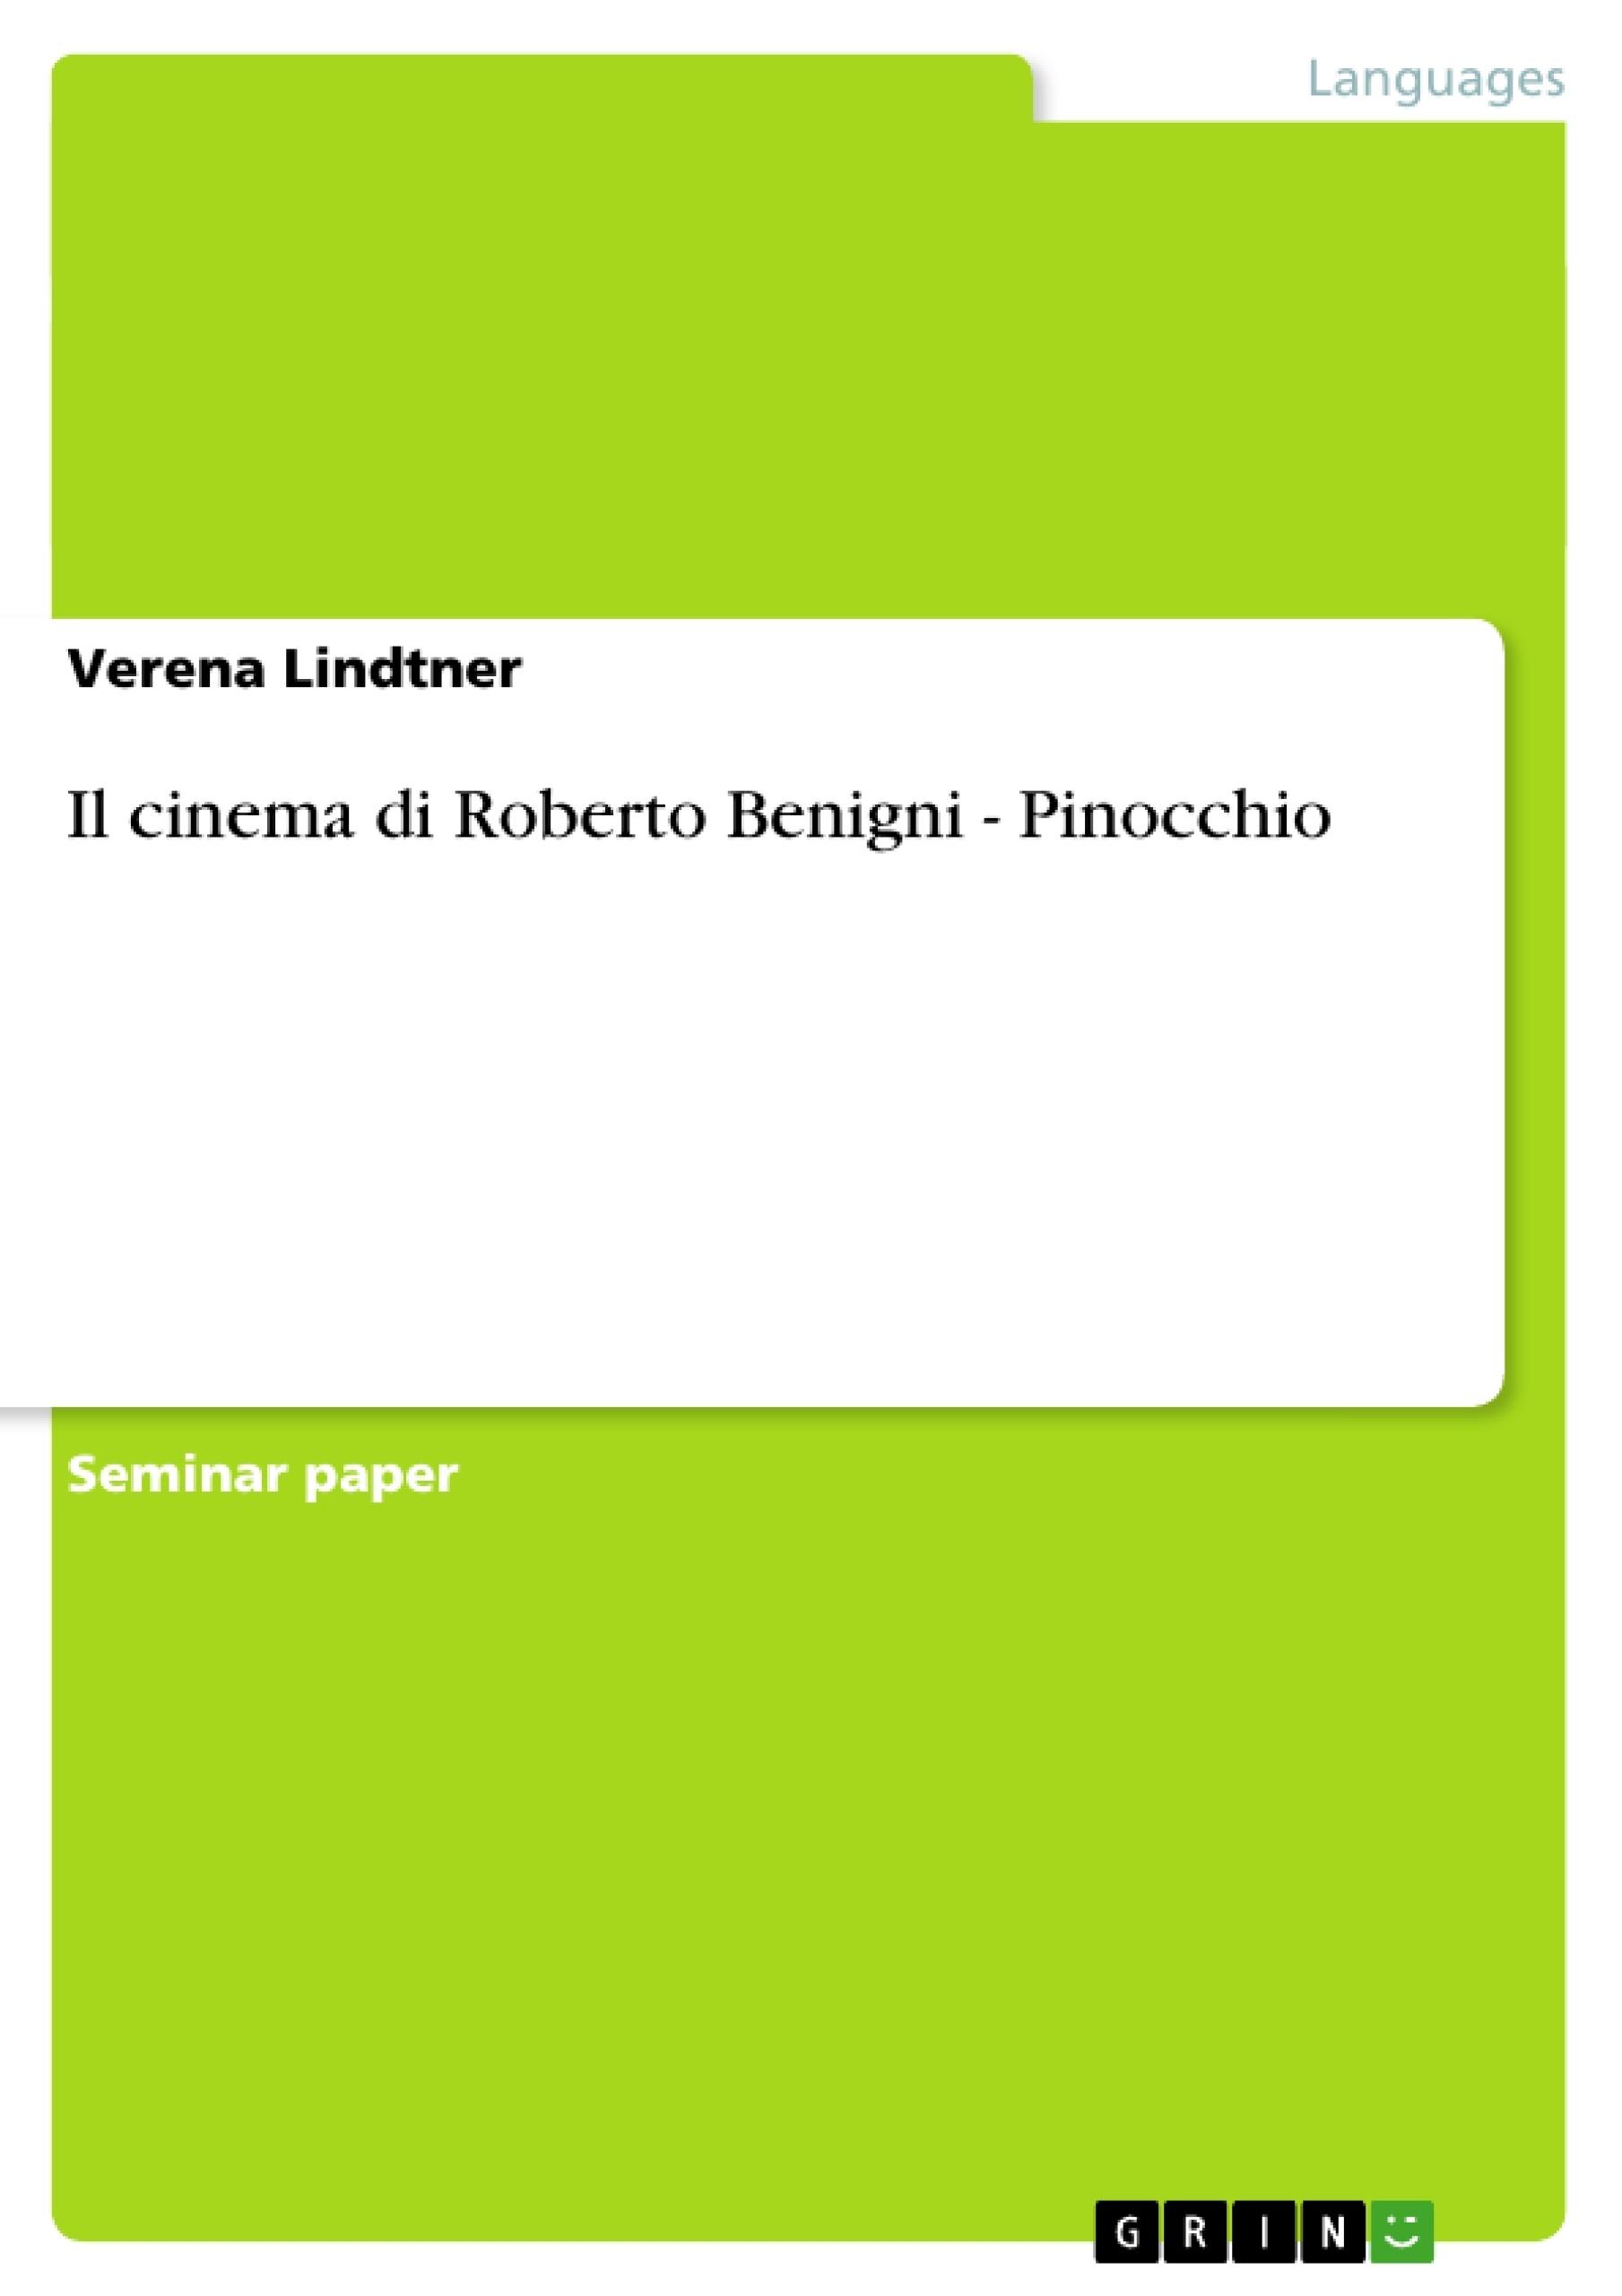 Title: Il cinema di Roberto Benigni - Pinocchio